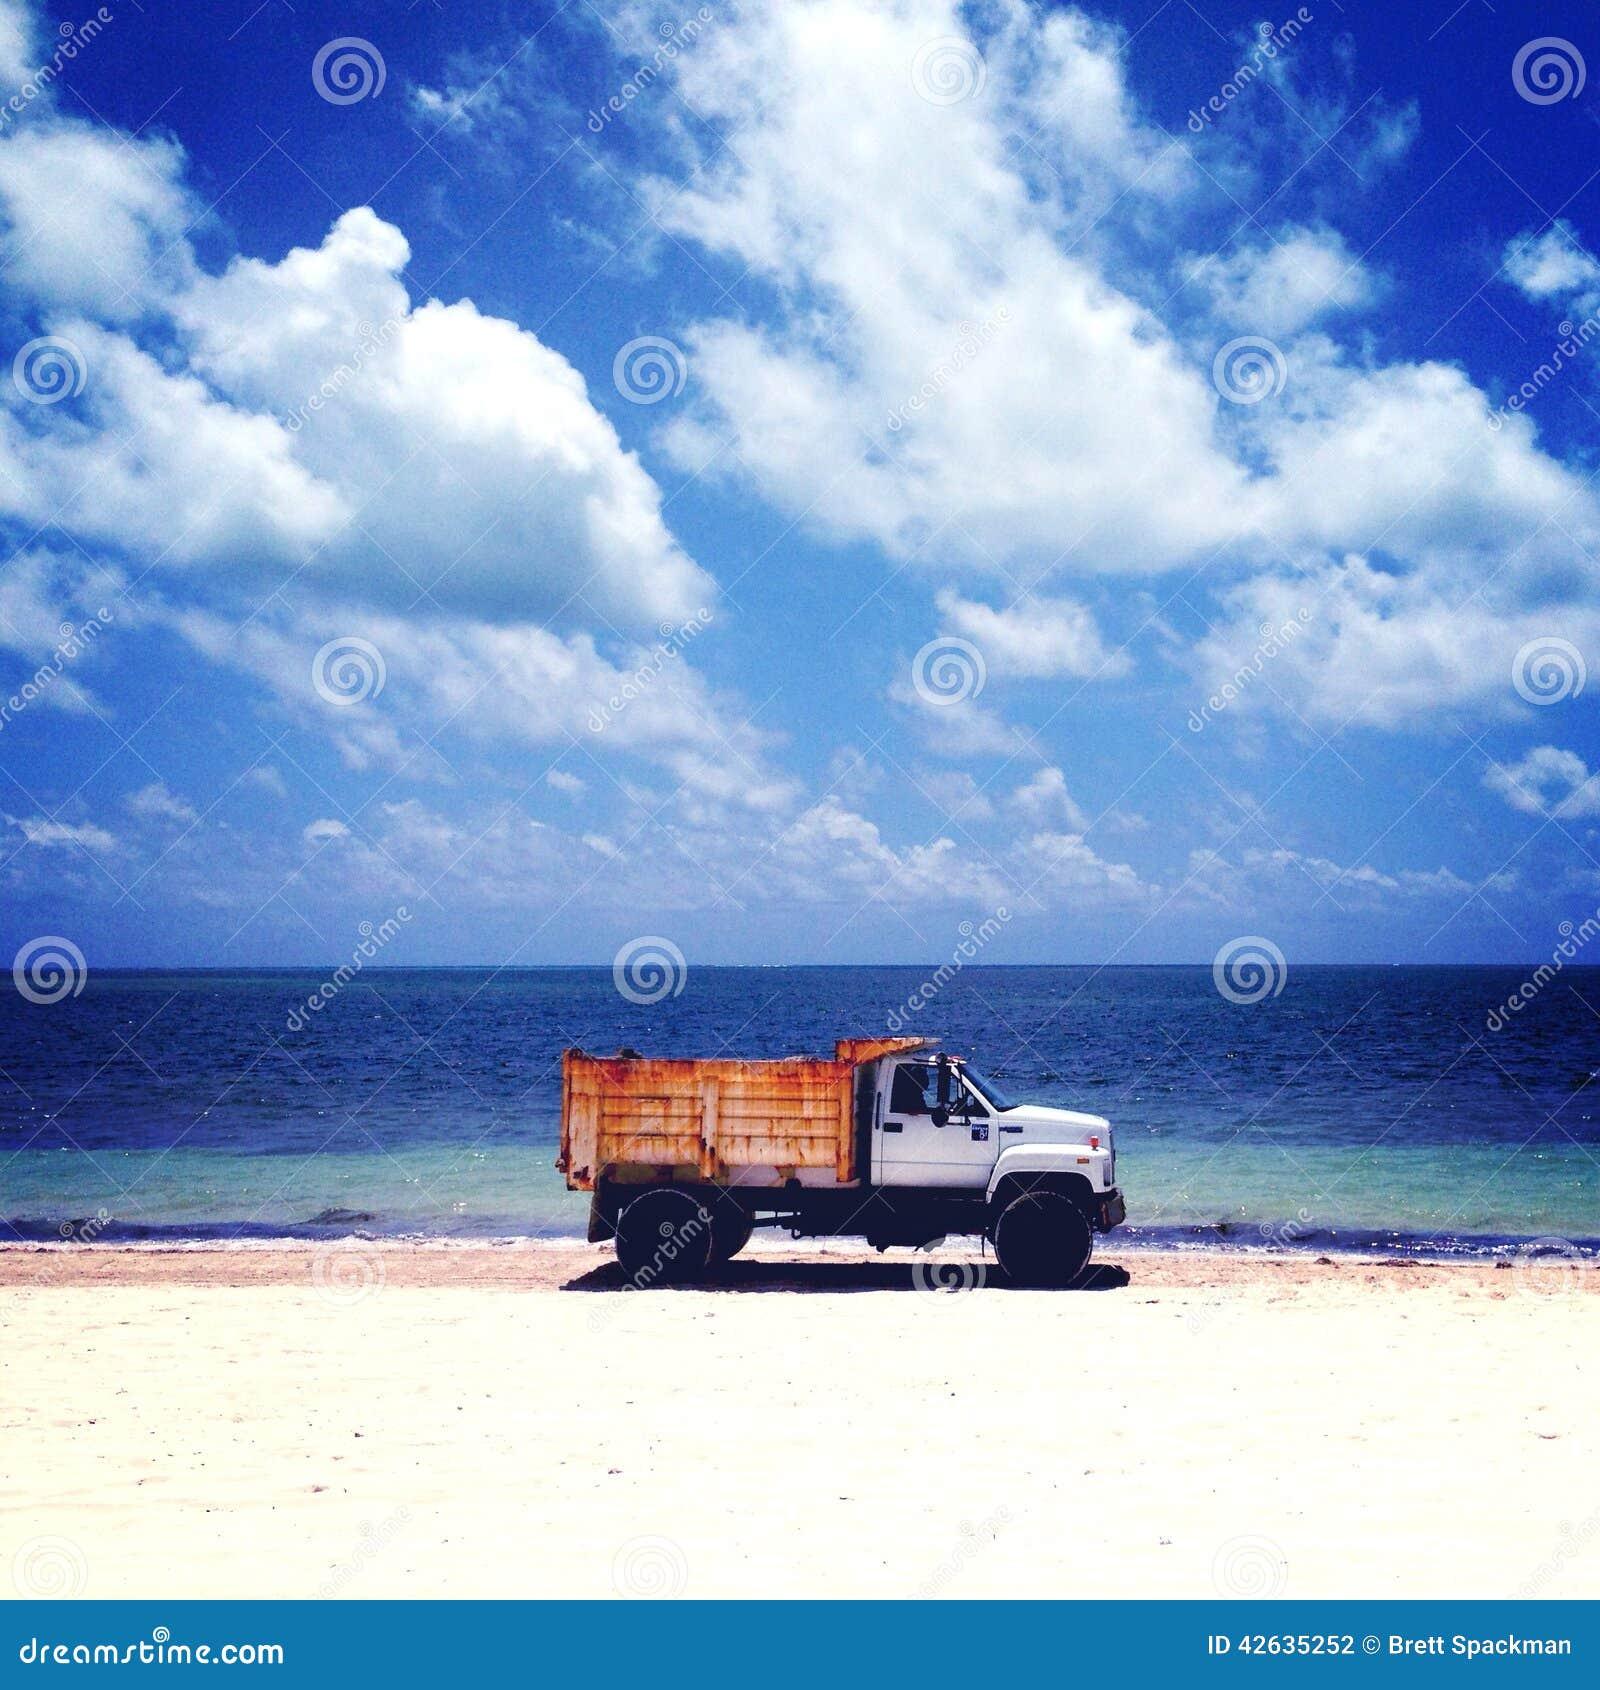 Rusty Beach